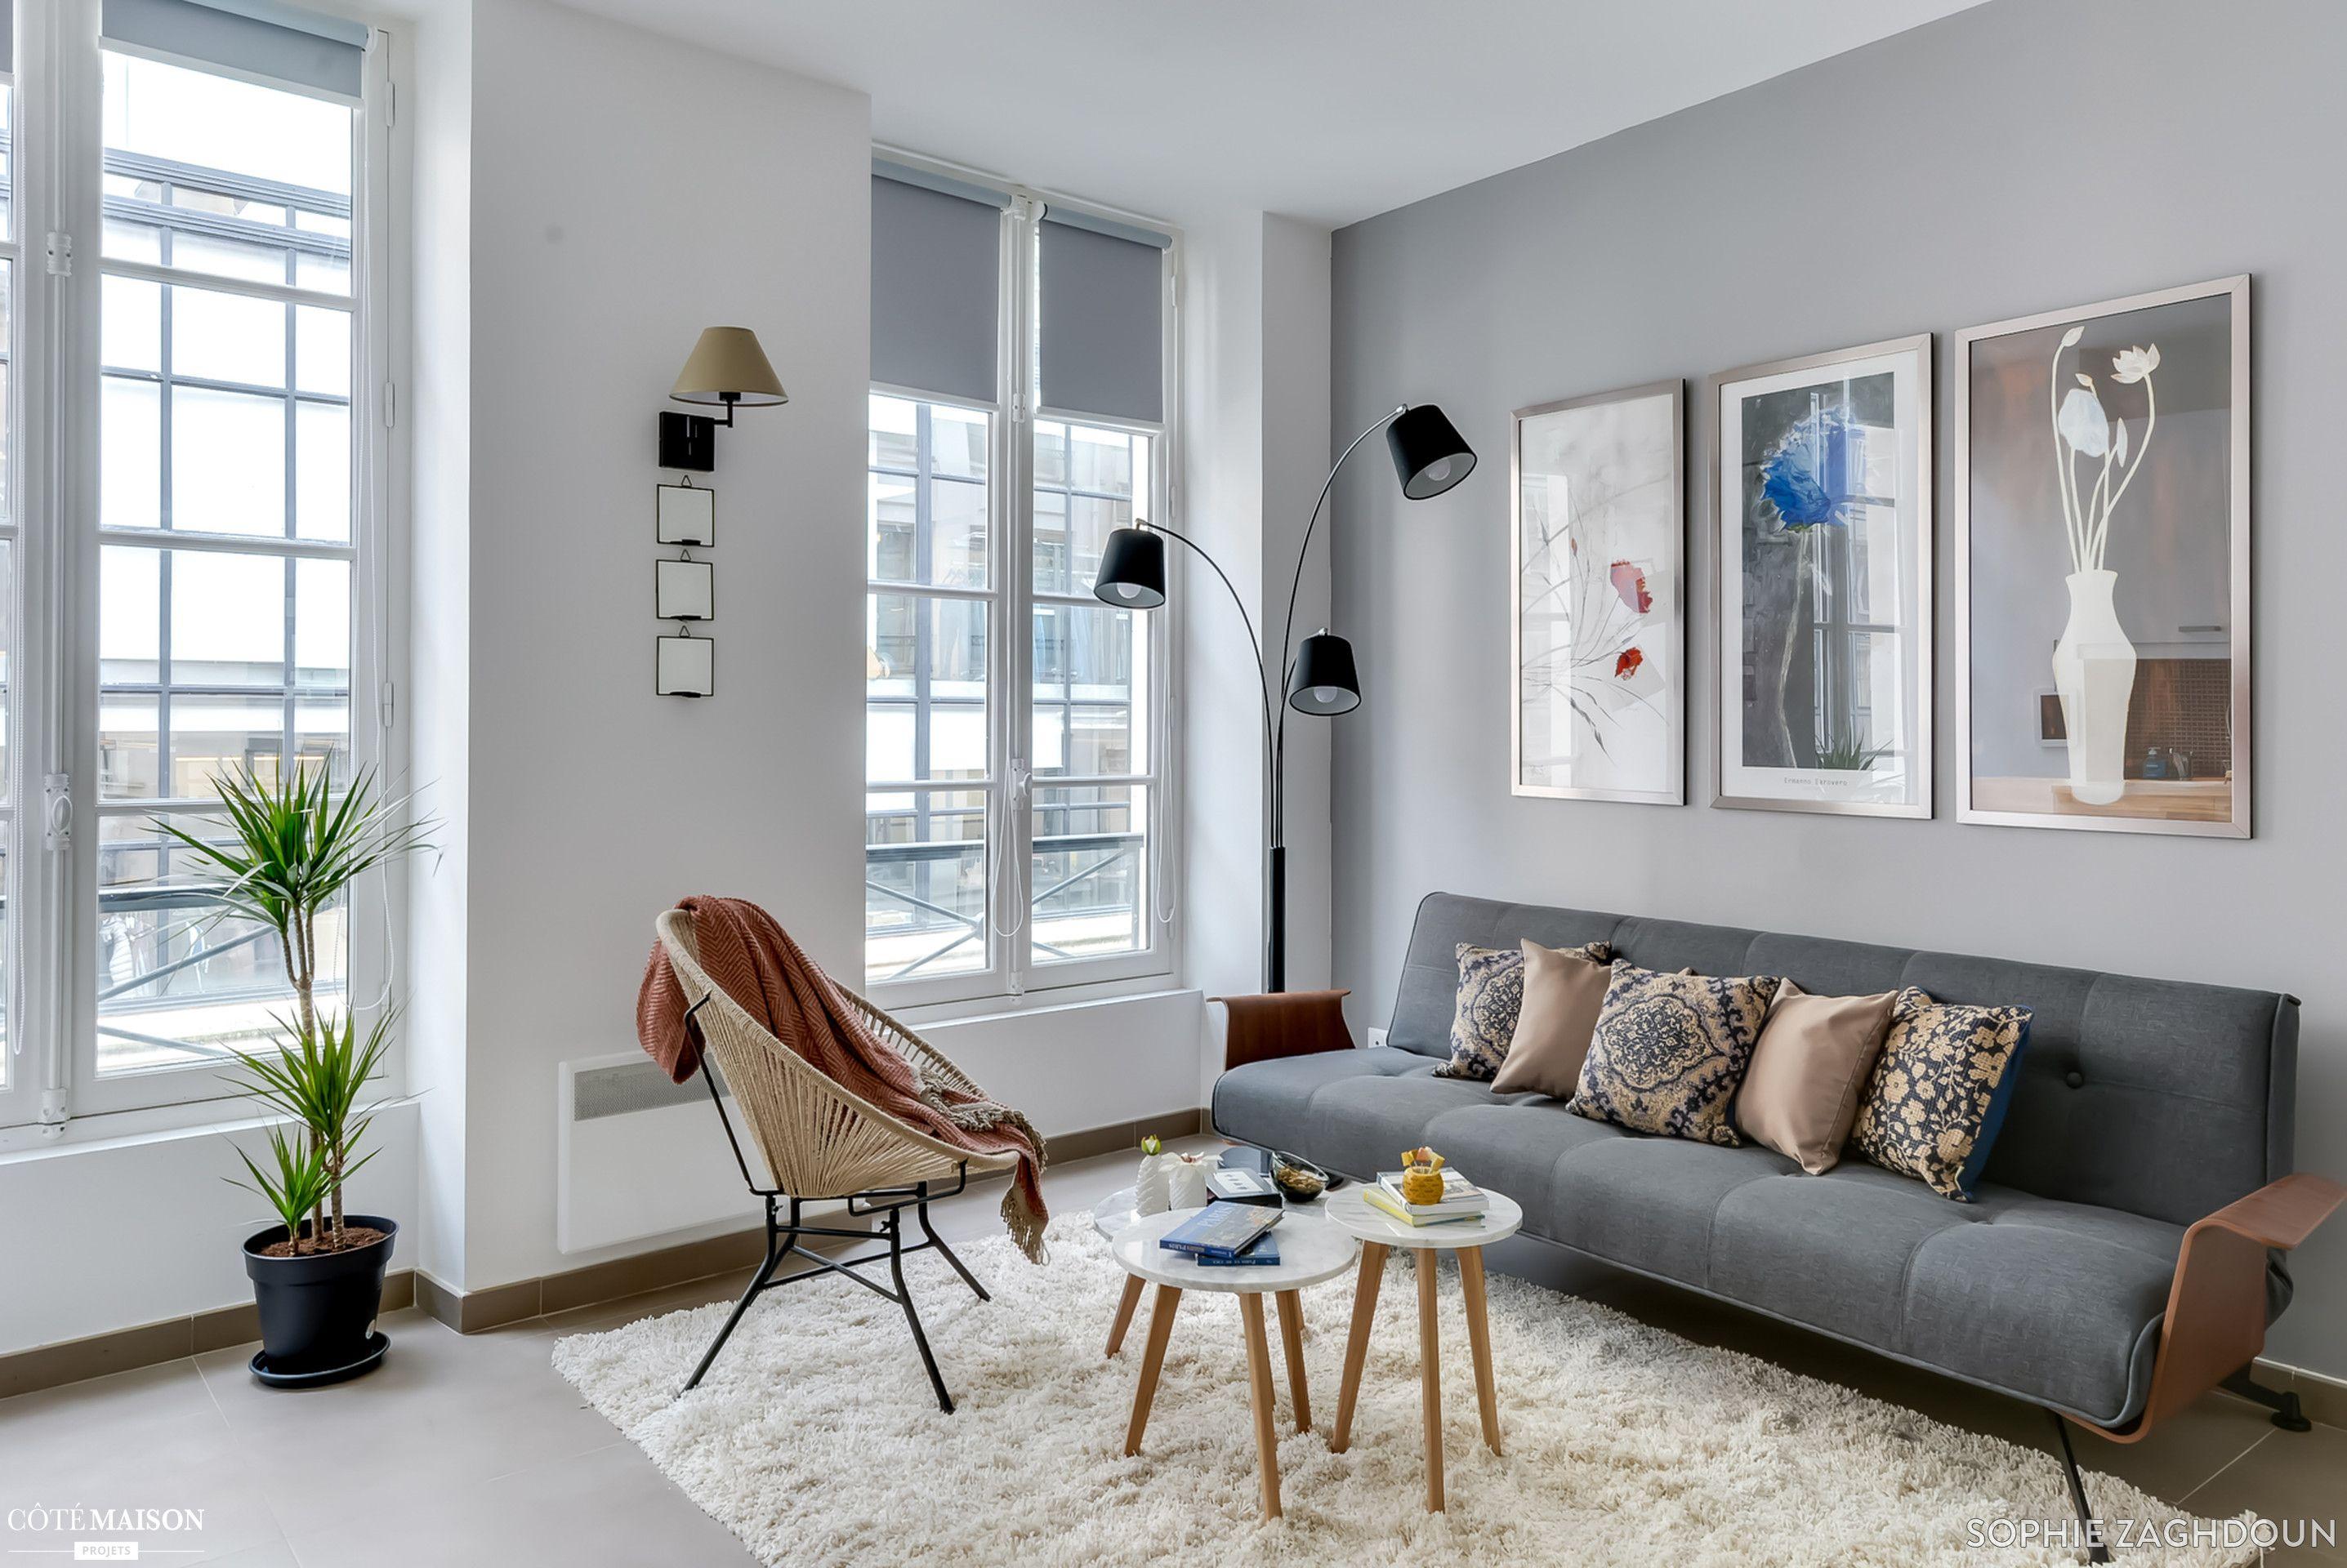 beau 2 pi ces refait neuf dans le 10e paris paris sophie zaghdoun d corateur d 39 int rieur. Black Bedroom Furniture Sets. Home Design Ideas